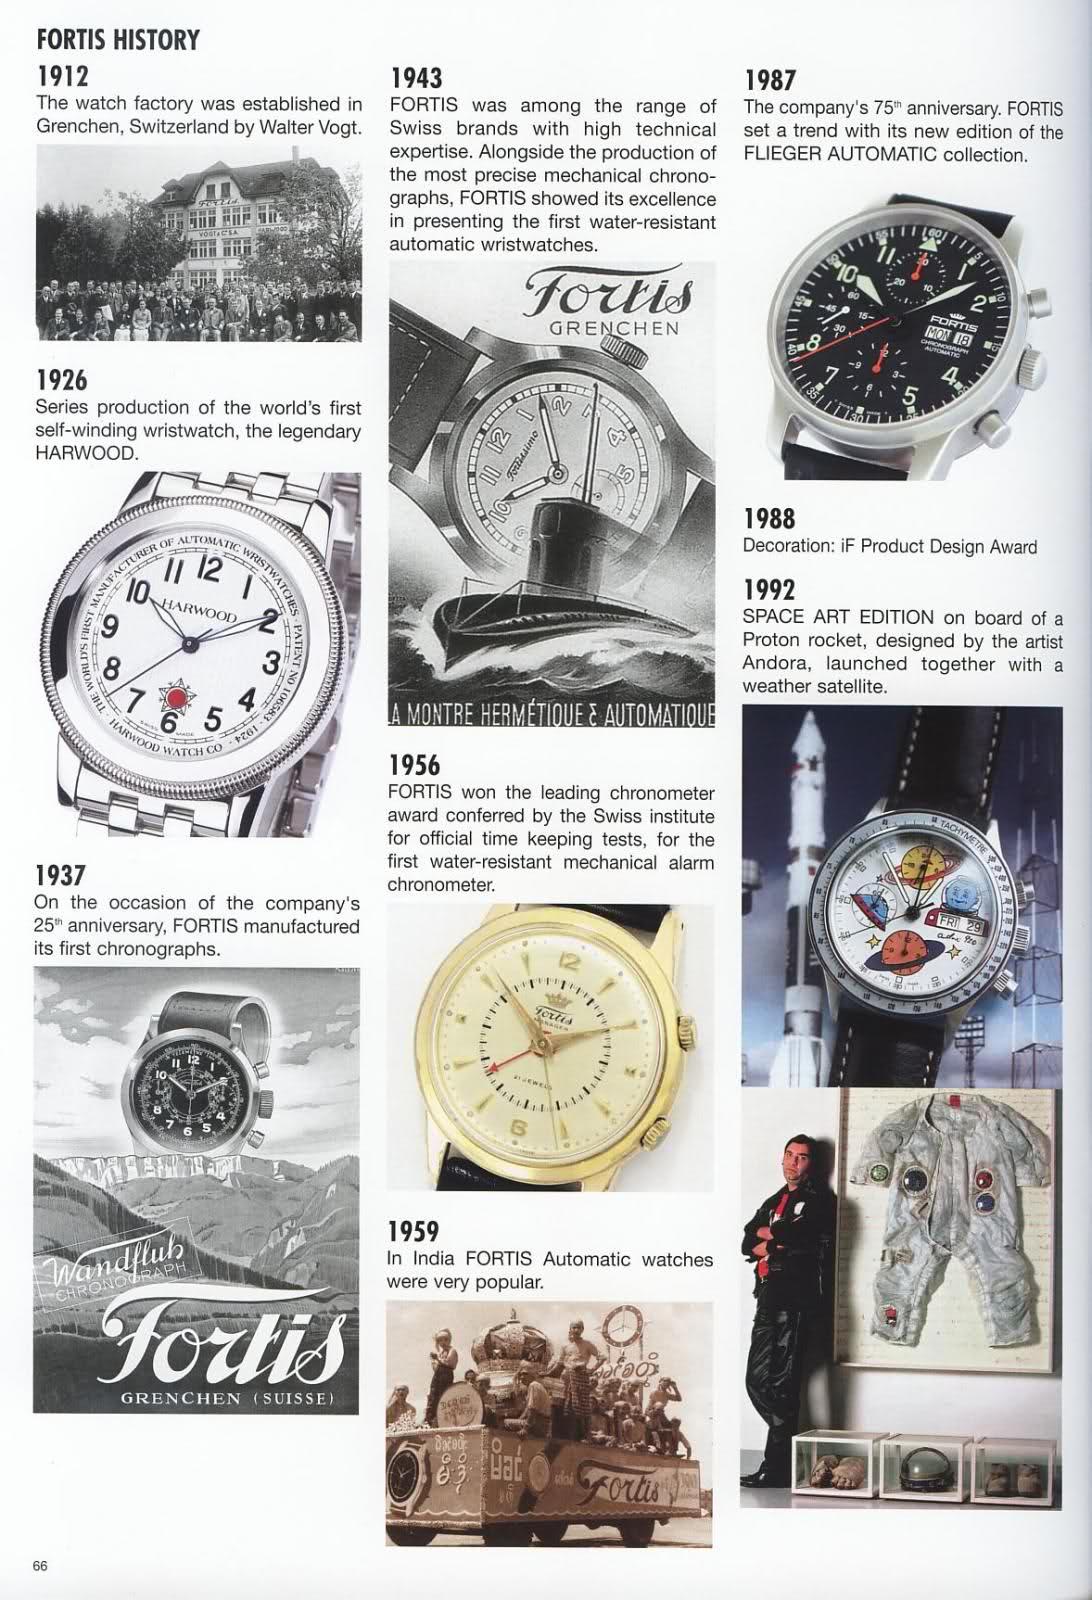 fortis - Fortis, des montres pour l'aventure ? 10rikwy